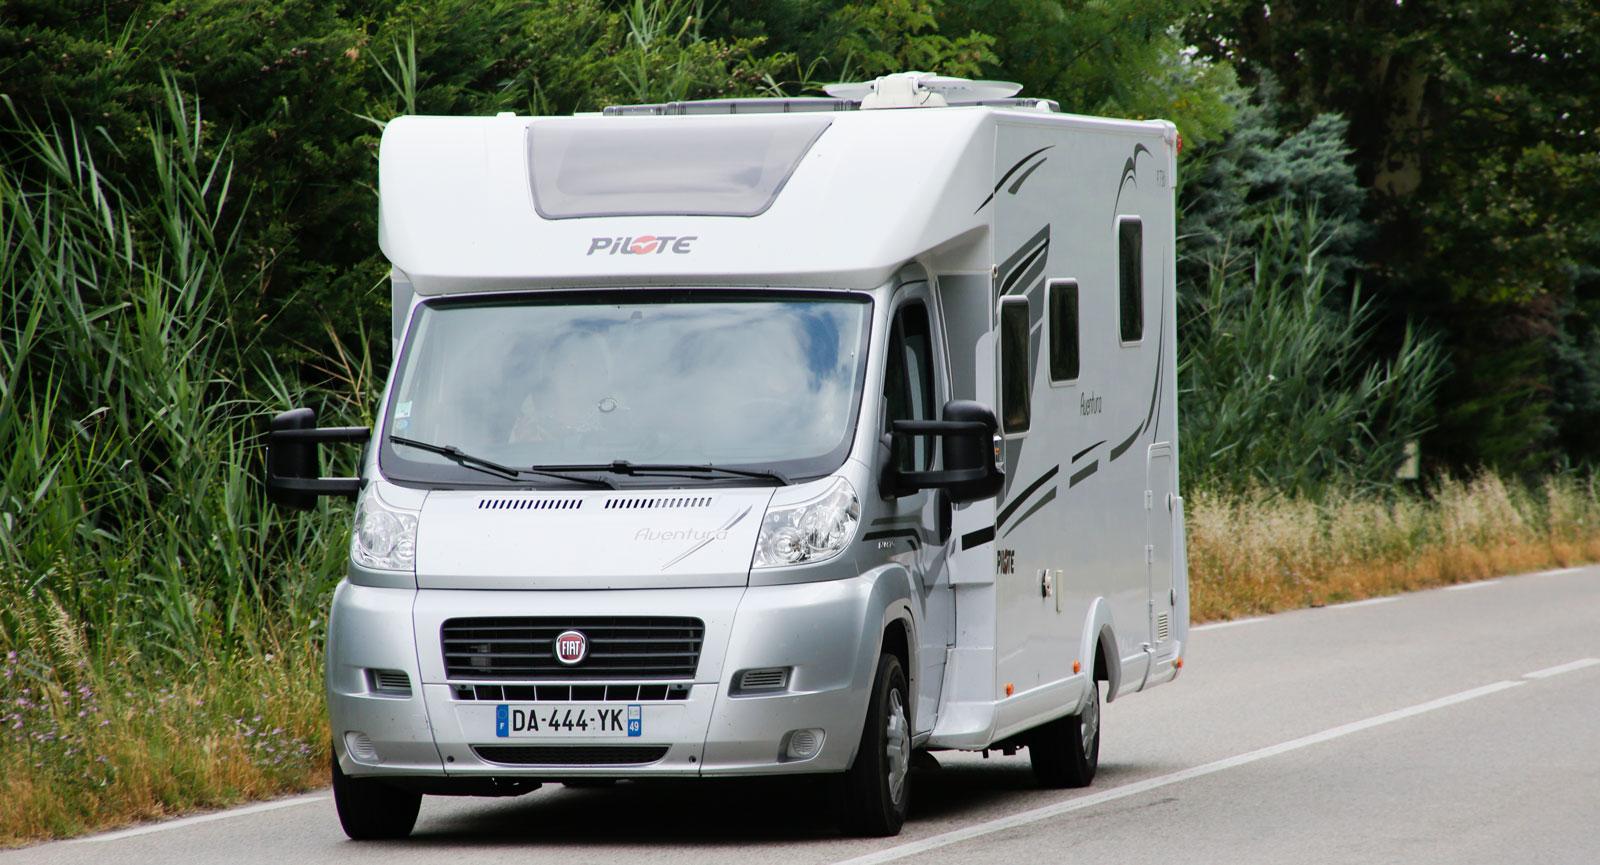 Tidigt eller sent på säsongen kan man åka utan att boka campingtomt månader i förväg.